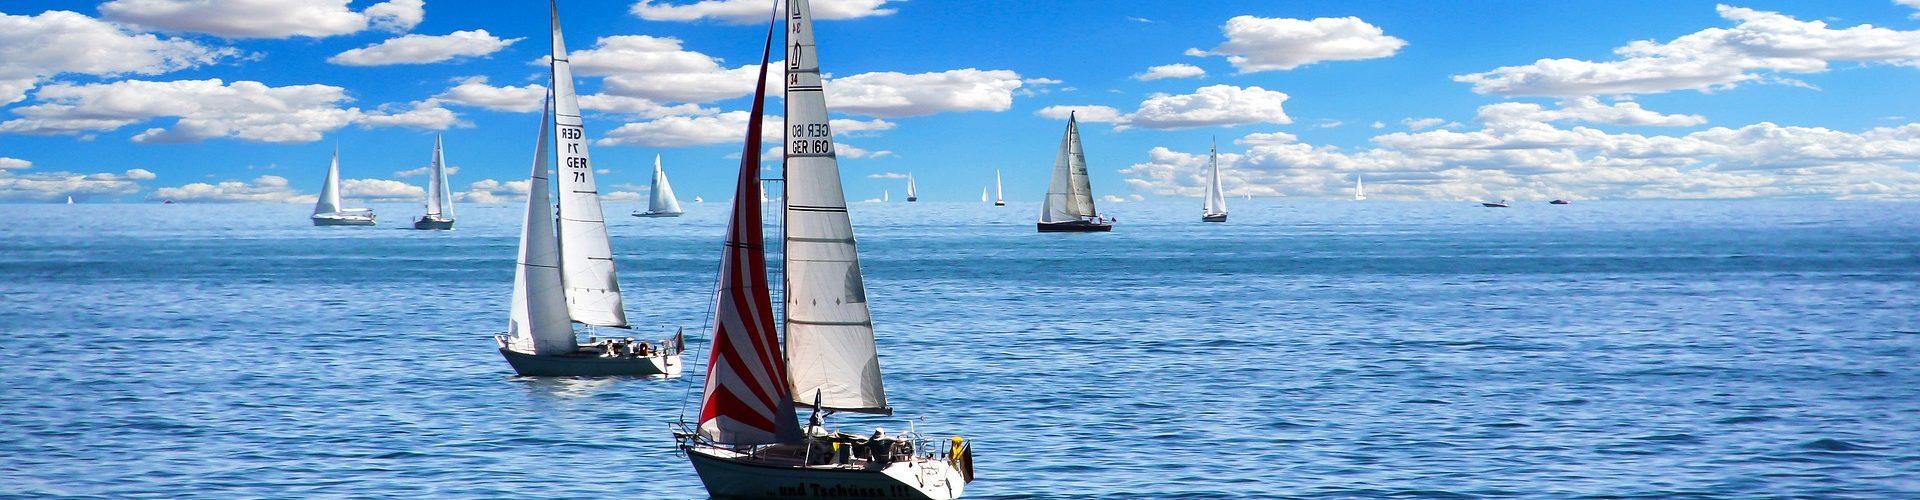 segeln lernen in Meiningen segelschein machen in Meiningen 1920x500 - Segeln lernen in Meiningen